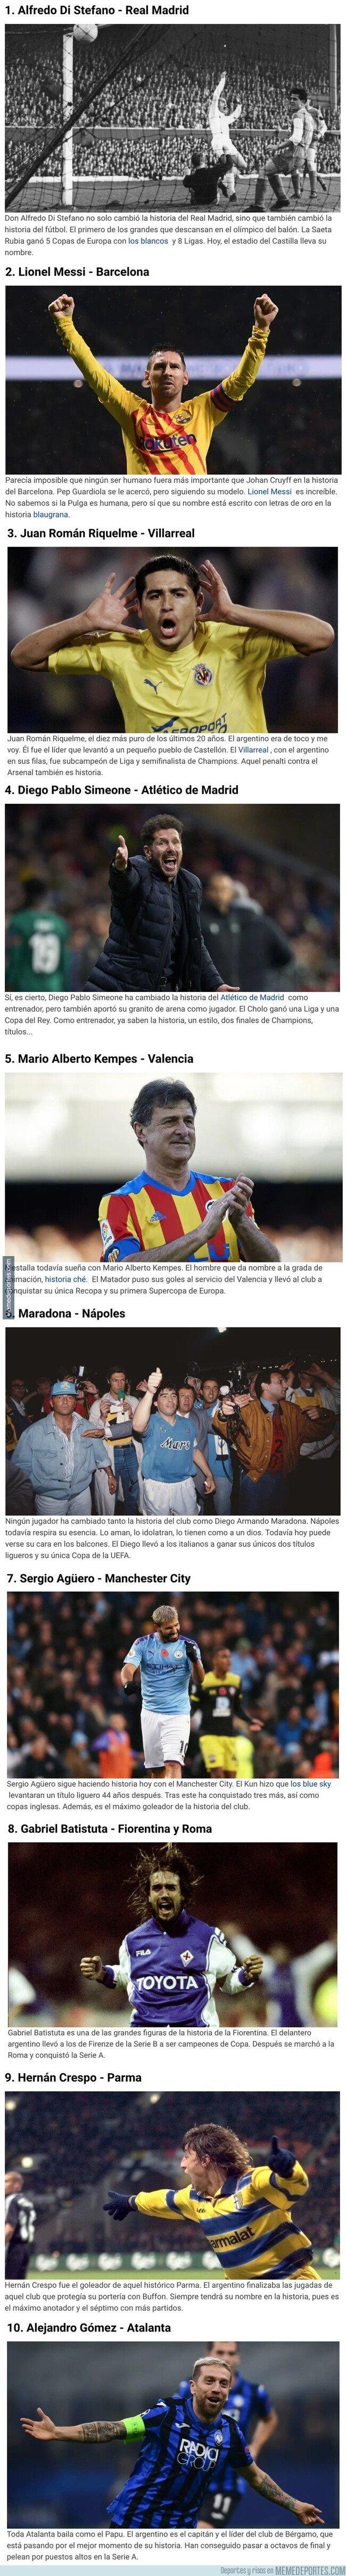 1093425 - 10 jugadores argentinos que cambiaron la historia de clubes europeos